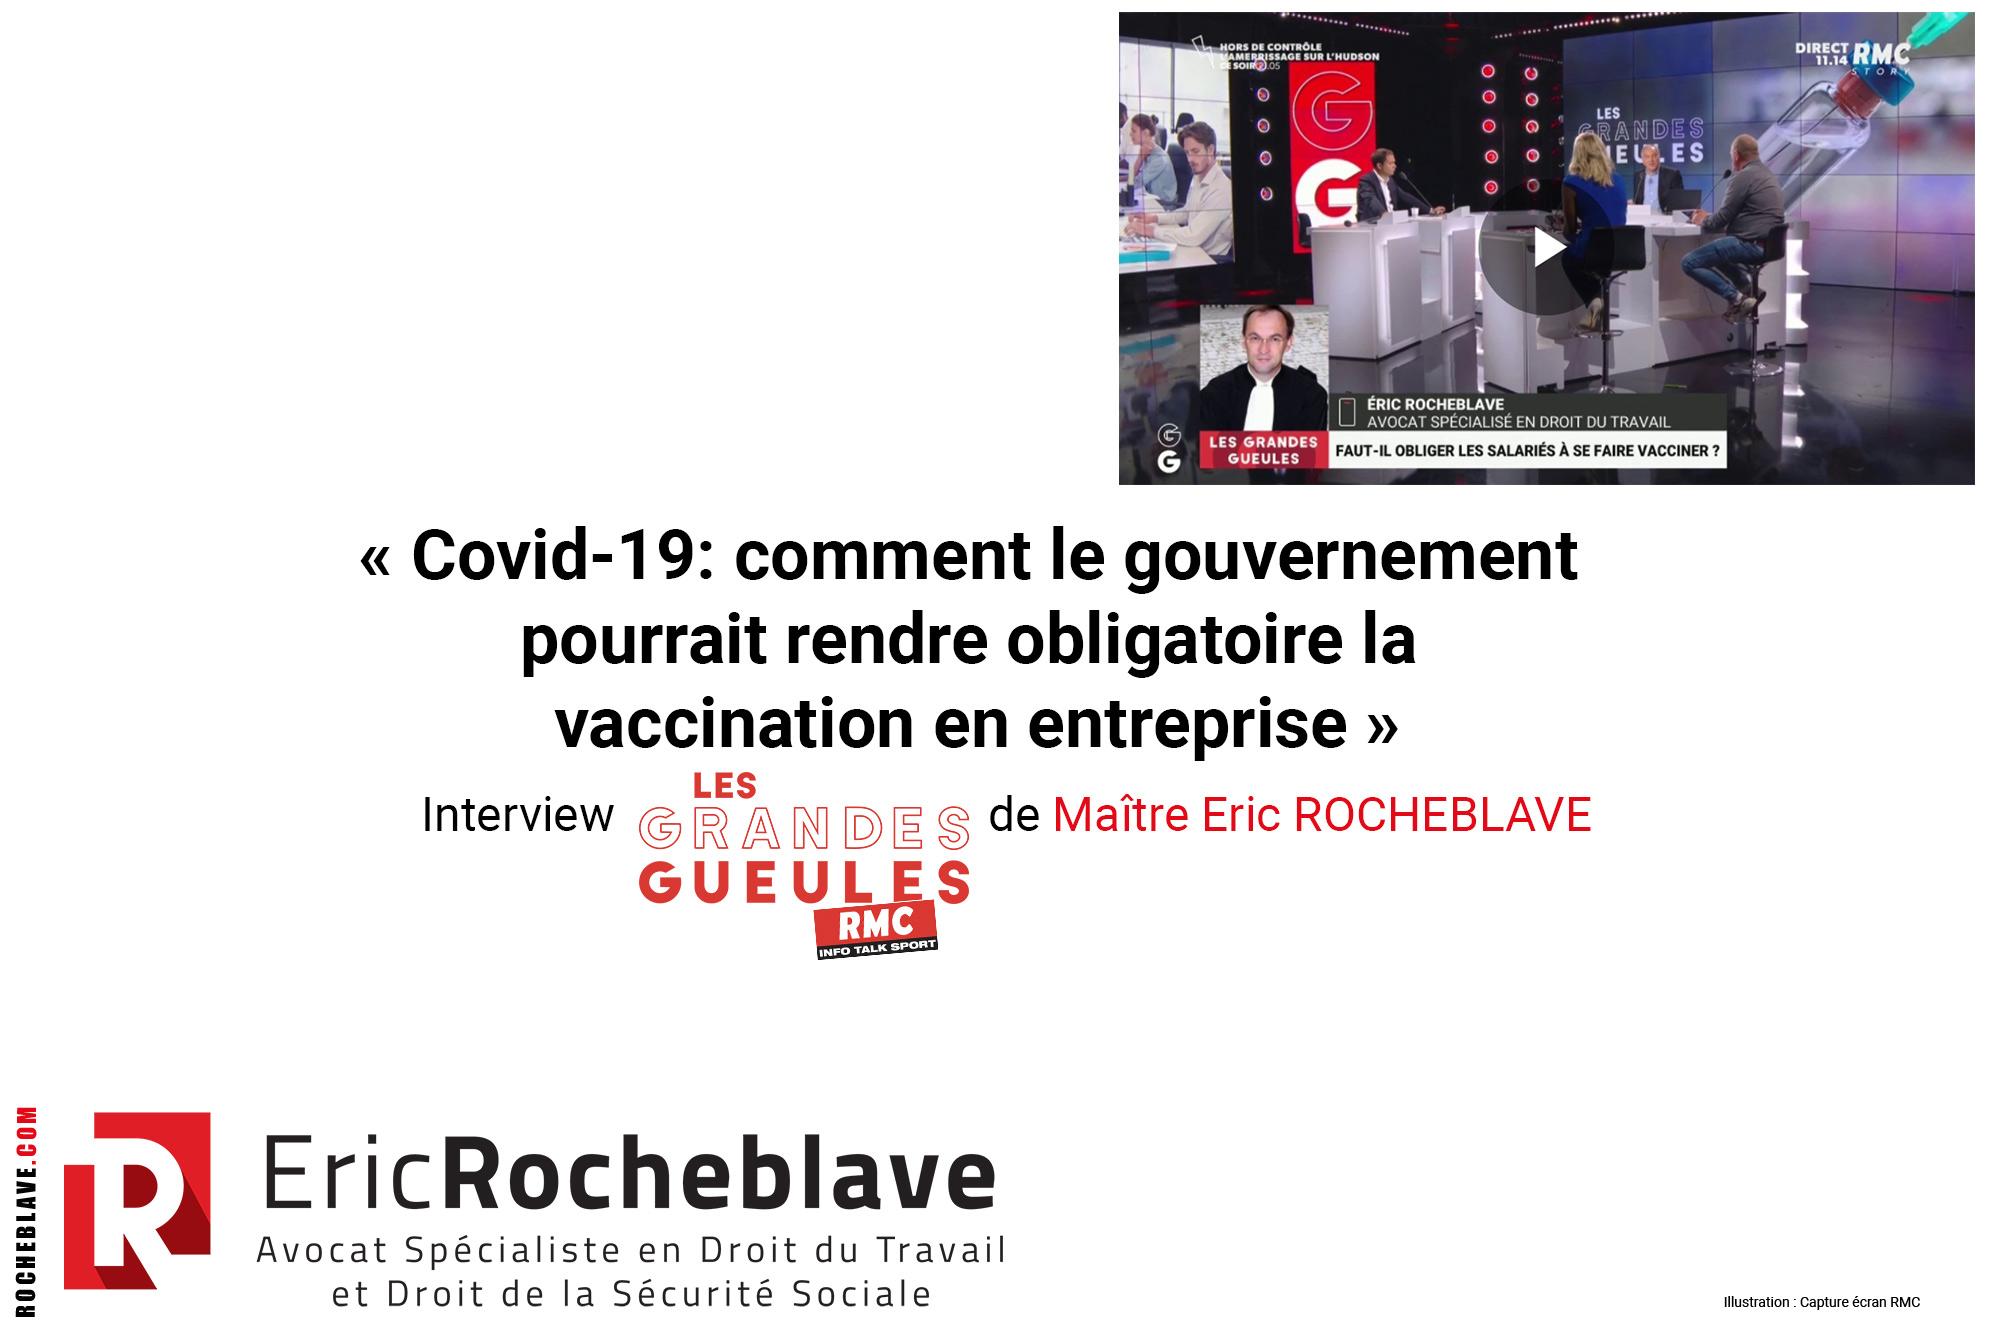 « Covid-19: comment le gouvernement pourrait rendre obligatoire la vaccination en entreprise »Interview RMC - Les Grandes Gueules de Maître Eric ROCHEBLAVE